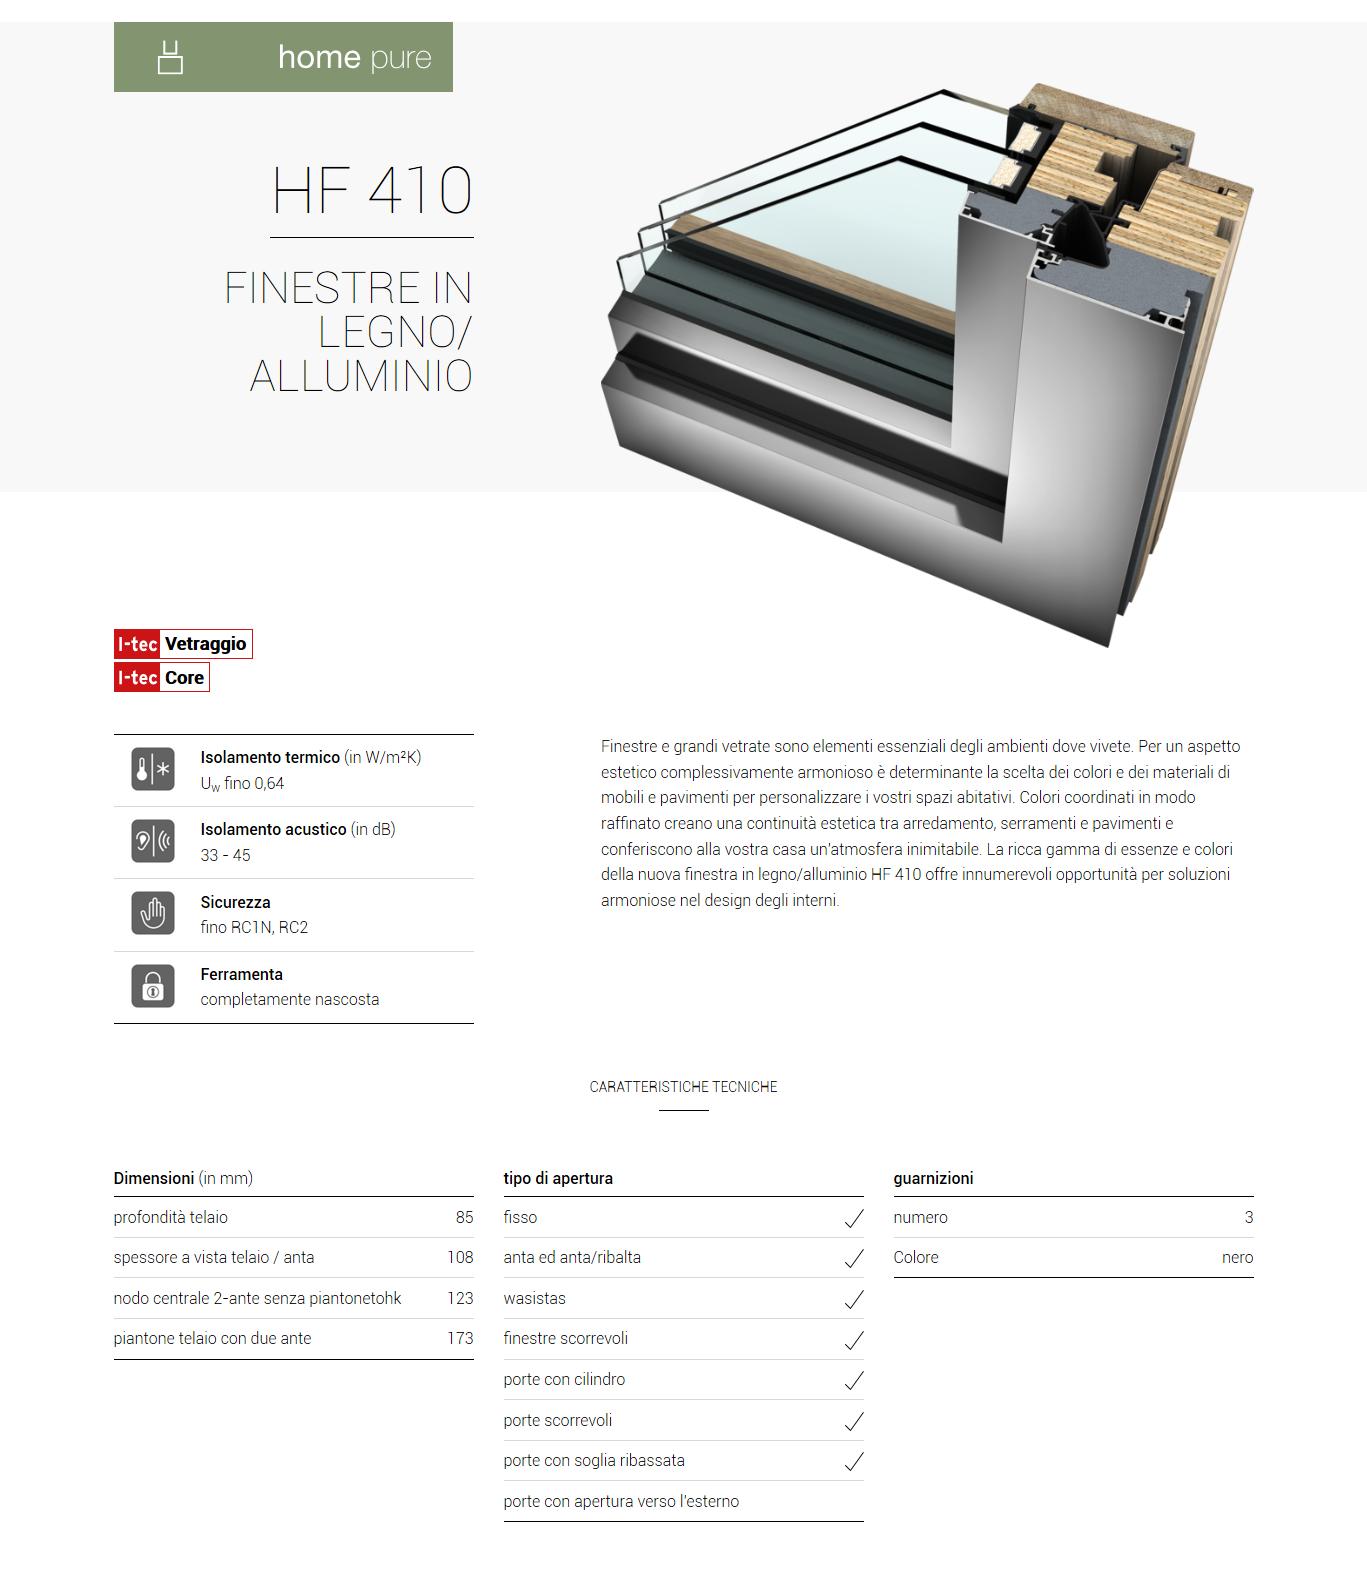 hf 410 pure